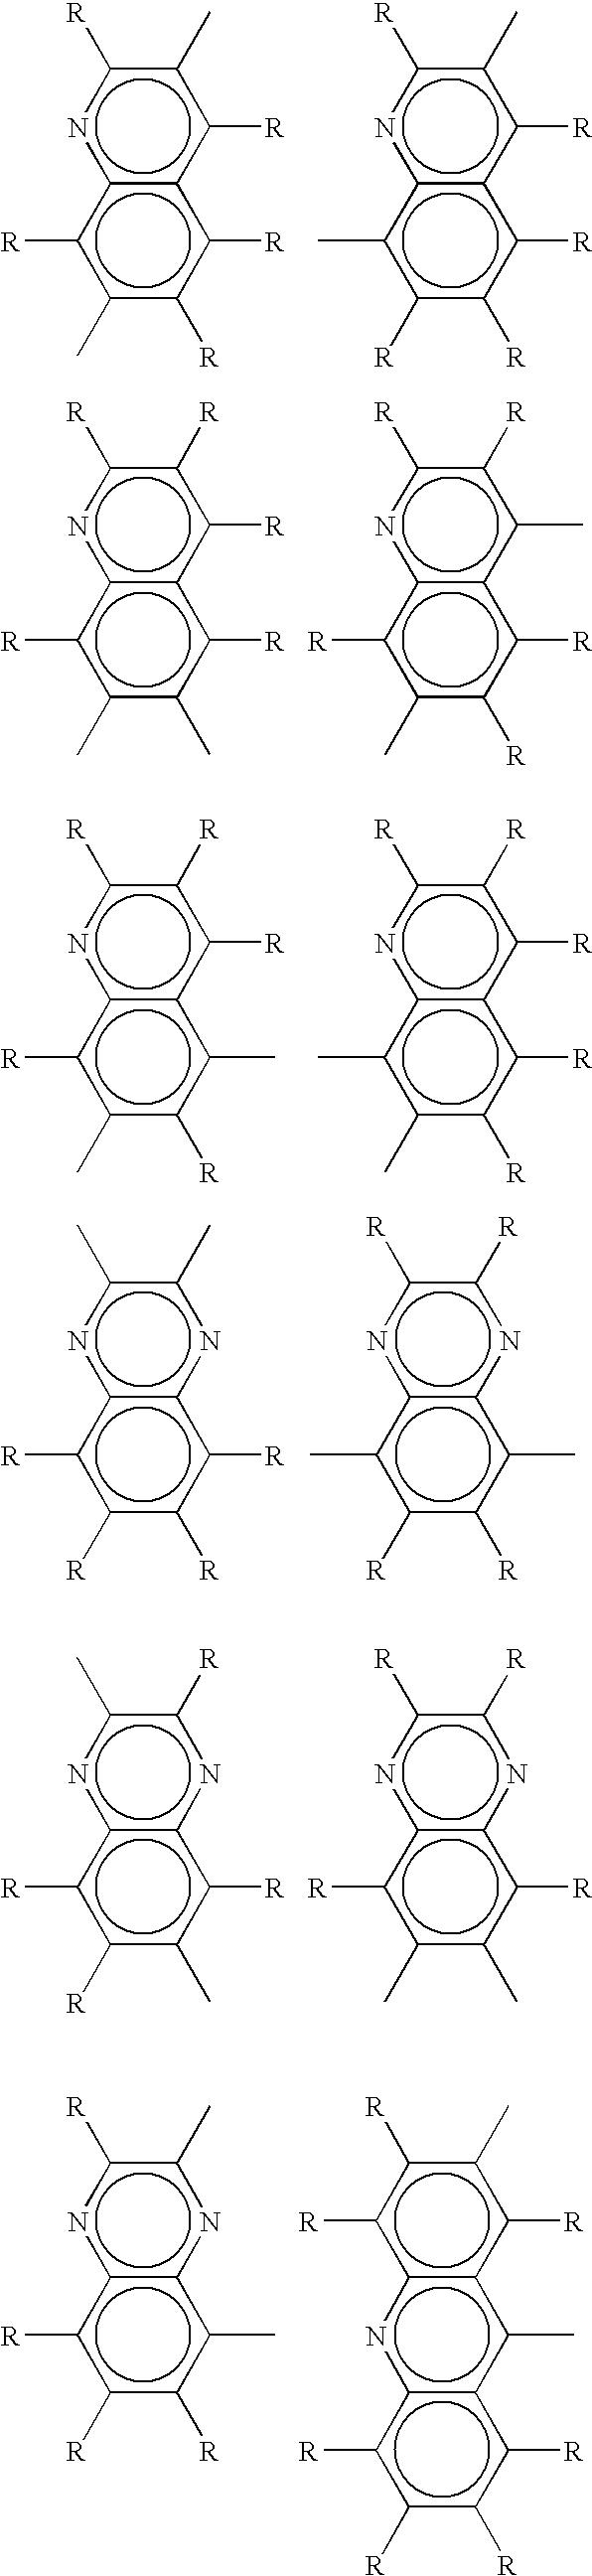 Figure US20070248842A1-20071025-C00009